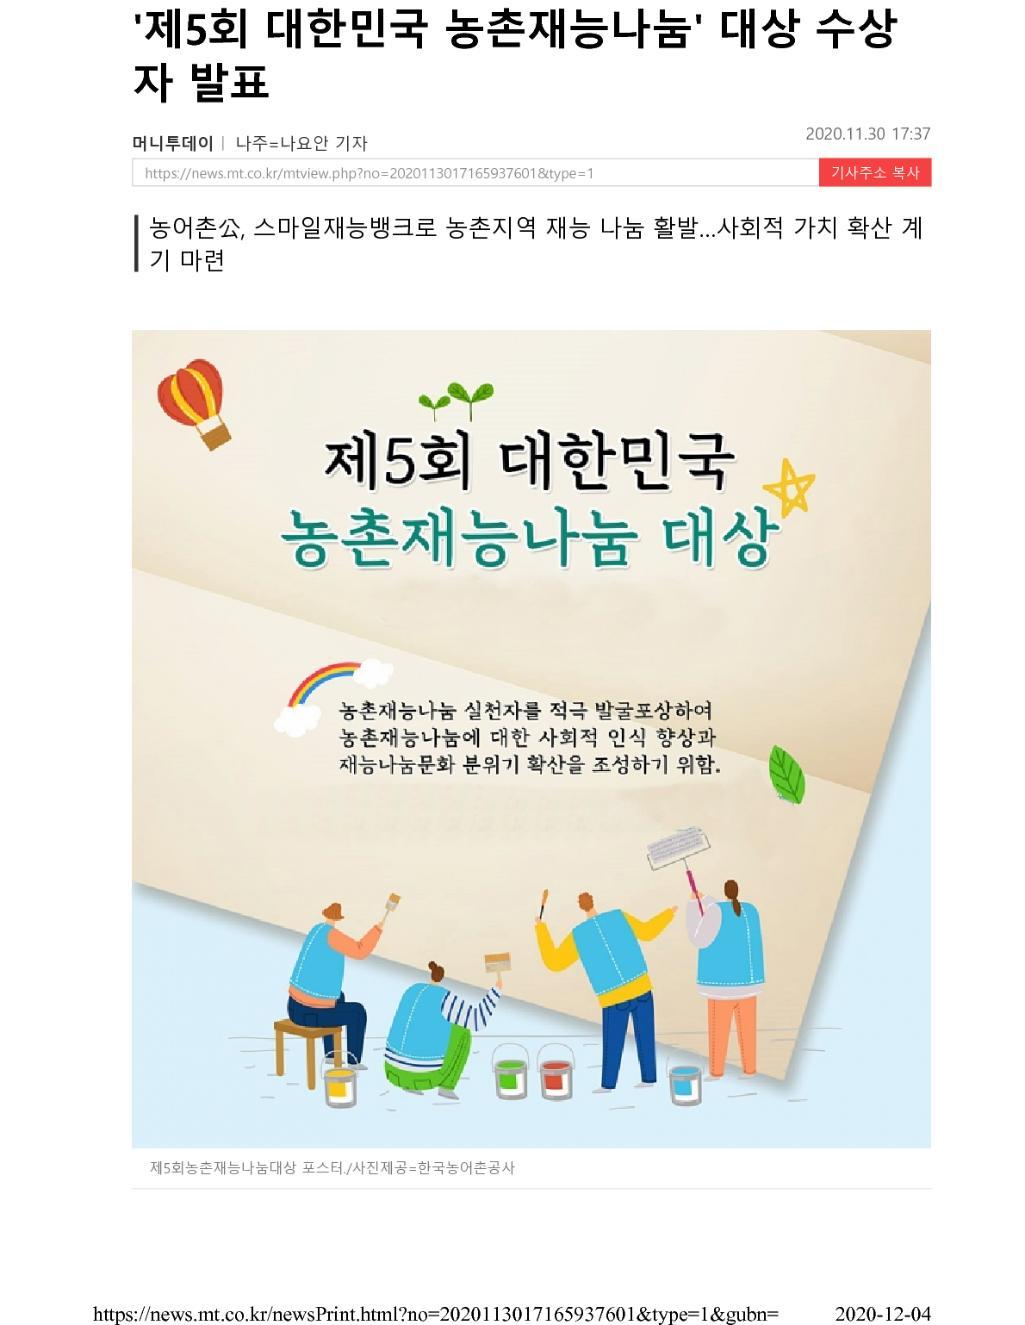 제5회 대한민국 농촌재능나눔 대상 수상자 발표_머니투데이(2020.11.30)